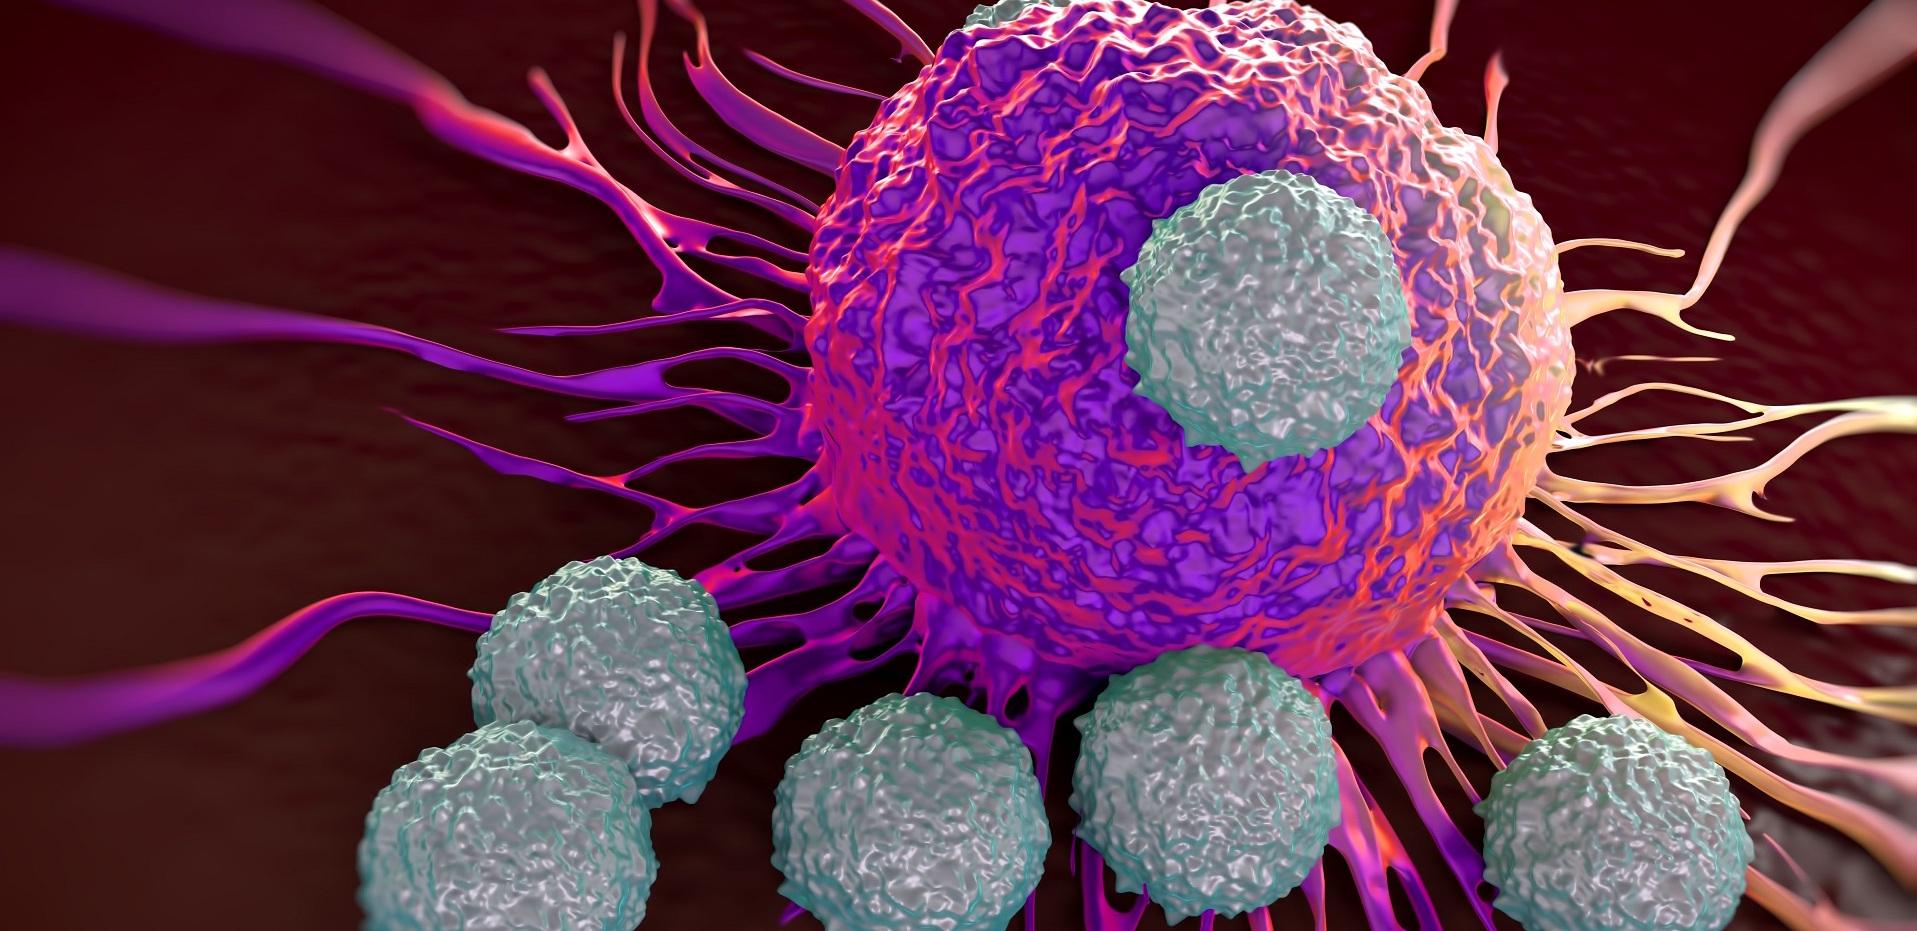 Vall d´Hebron descubre cómo atacar células tumorales durmientes...